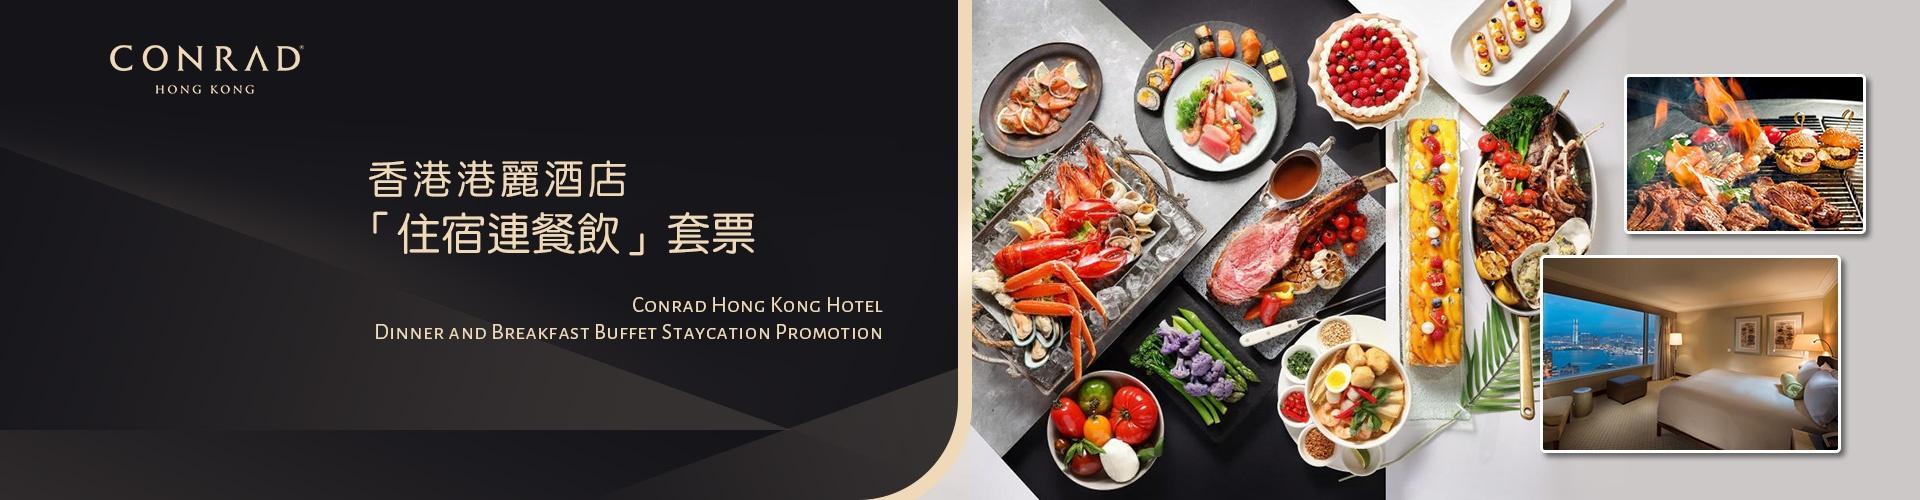 香港港麗酒店「住宿連餐飲」套票